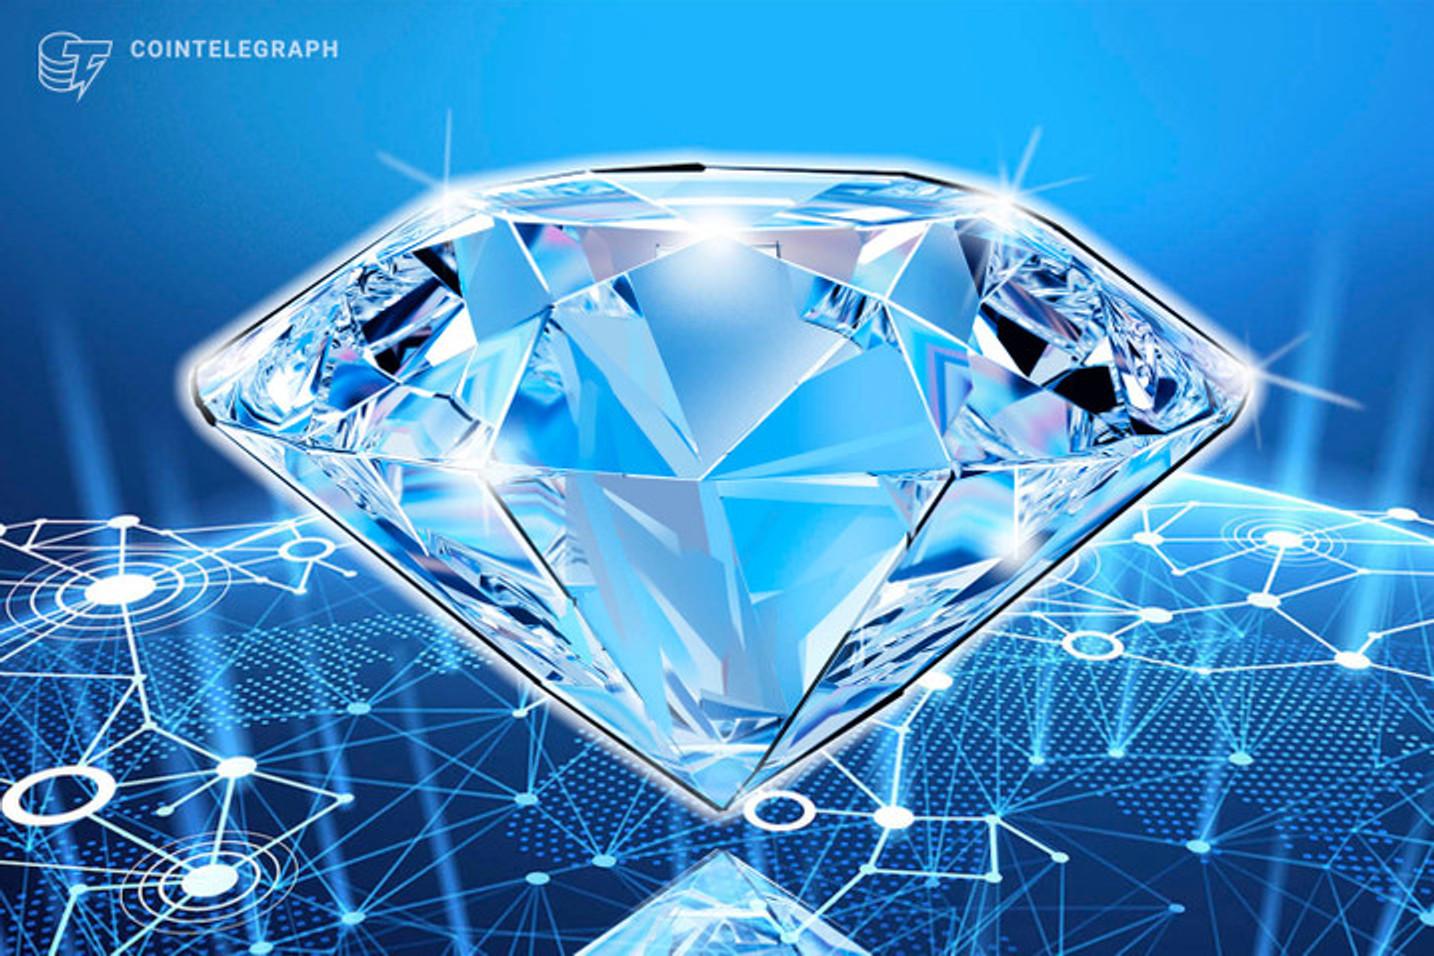 Empresário desenvolve sistema de mineração na nuvem, só que em vez de Bitcoin, ele minera diamantes